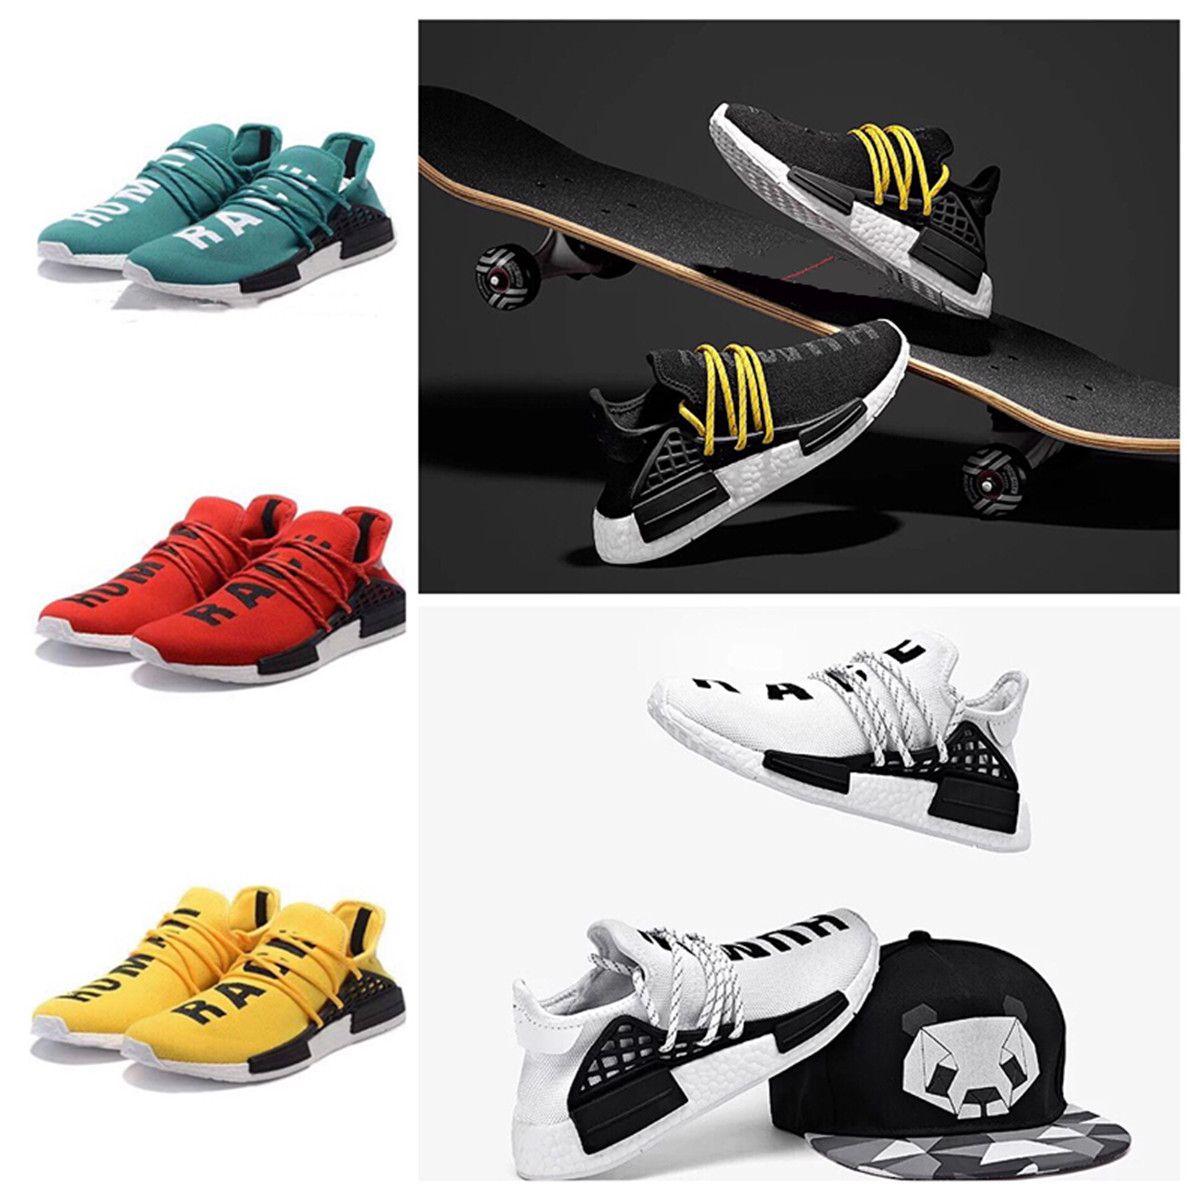 5fdb1fe0d Compre Venta Caliente 2018 Pharrell Williams X Human Race Mujeres Hombres  Zapatos Corrientes Zapatos Deportivos Atlético Zapatillas De Deporte Al  Aire Libre ...